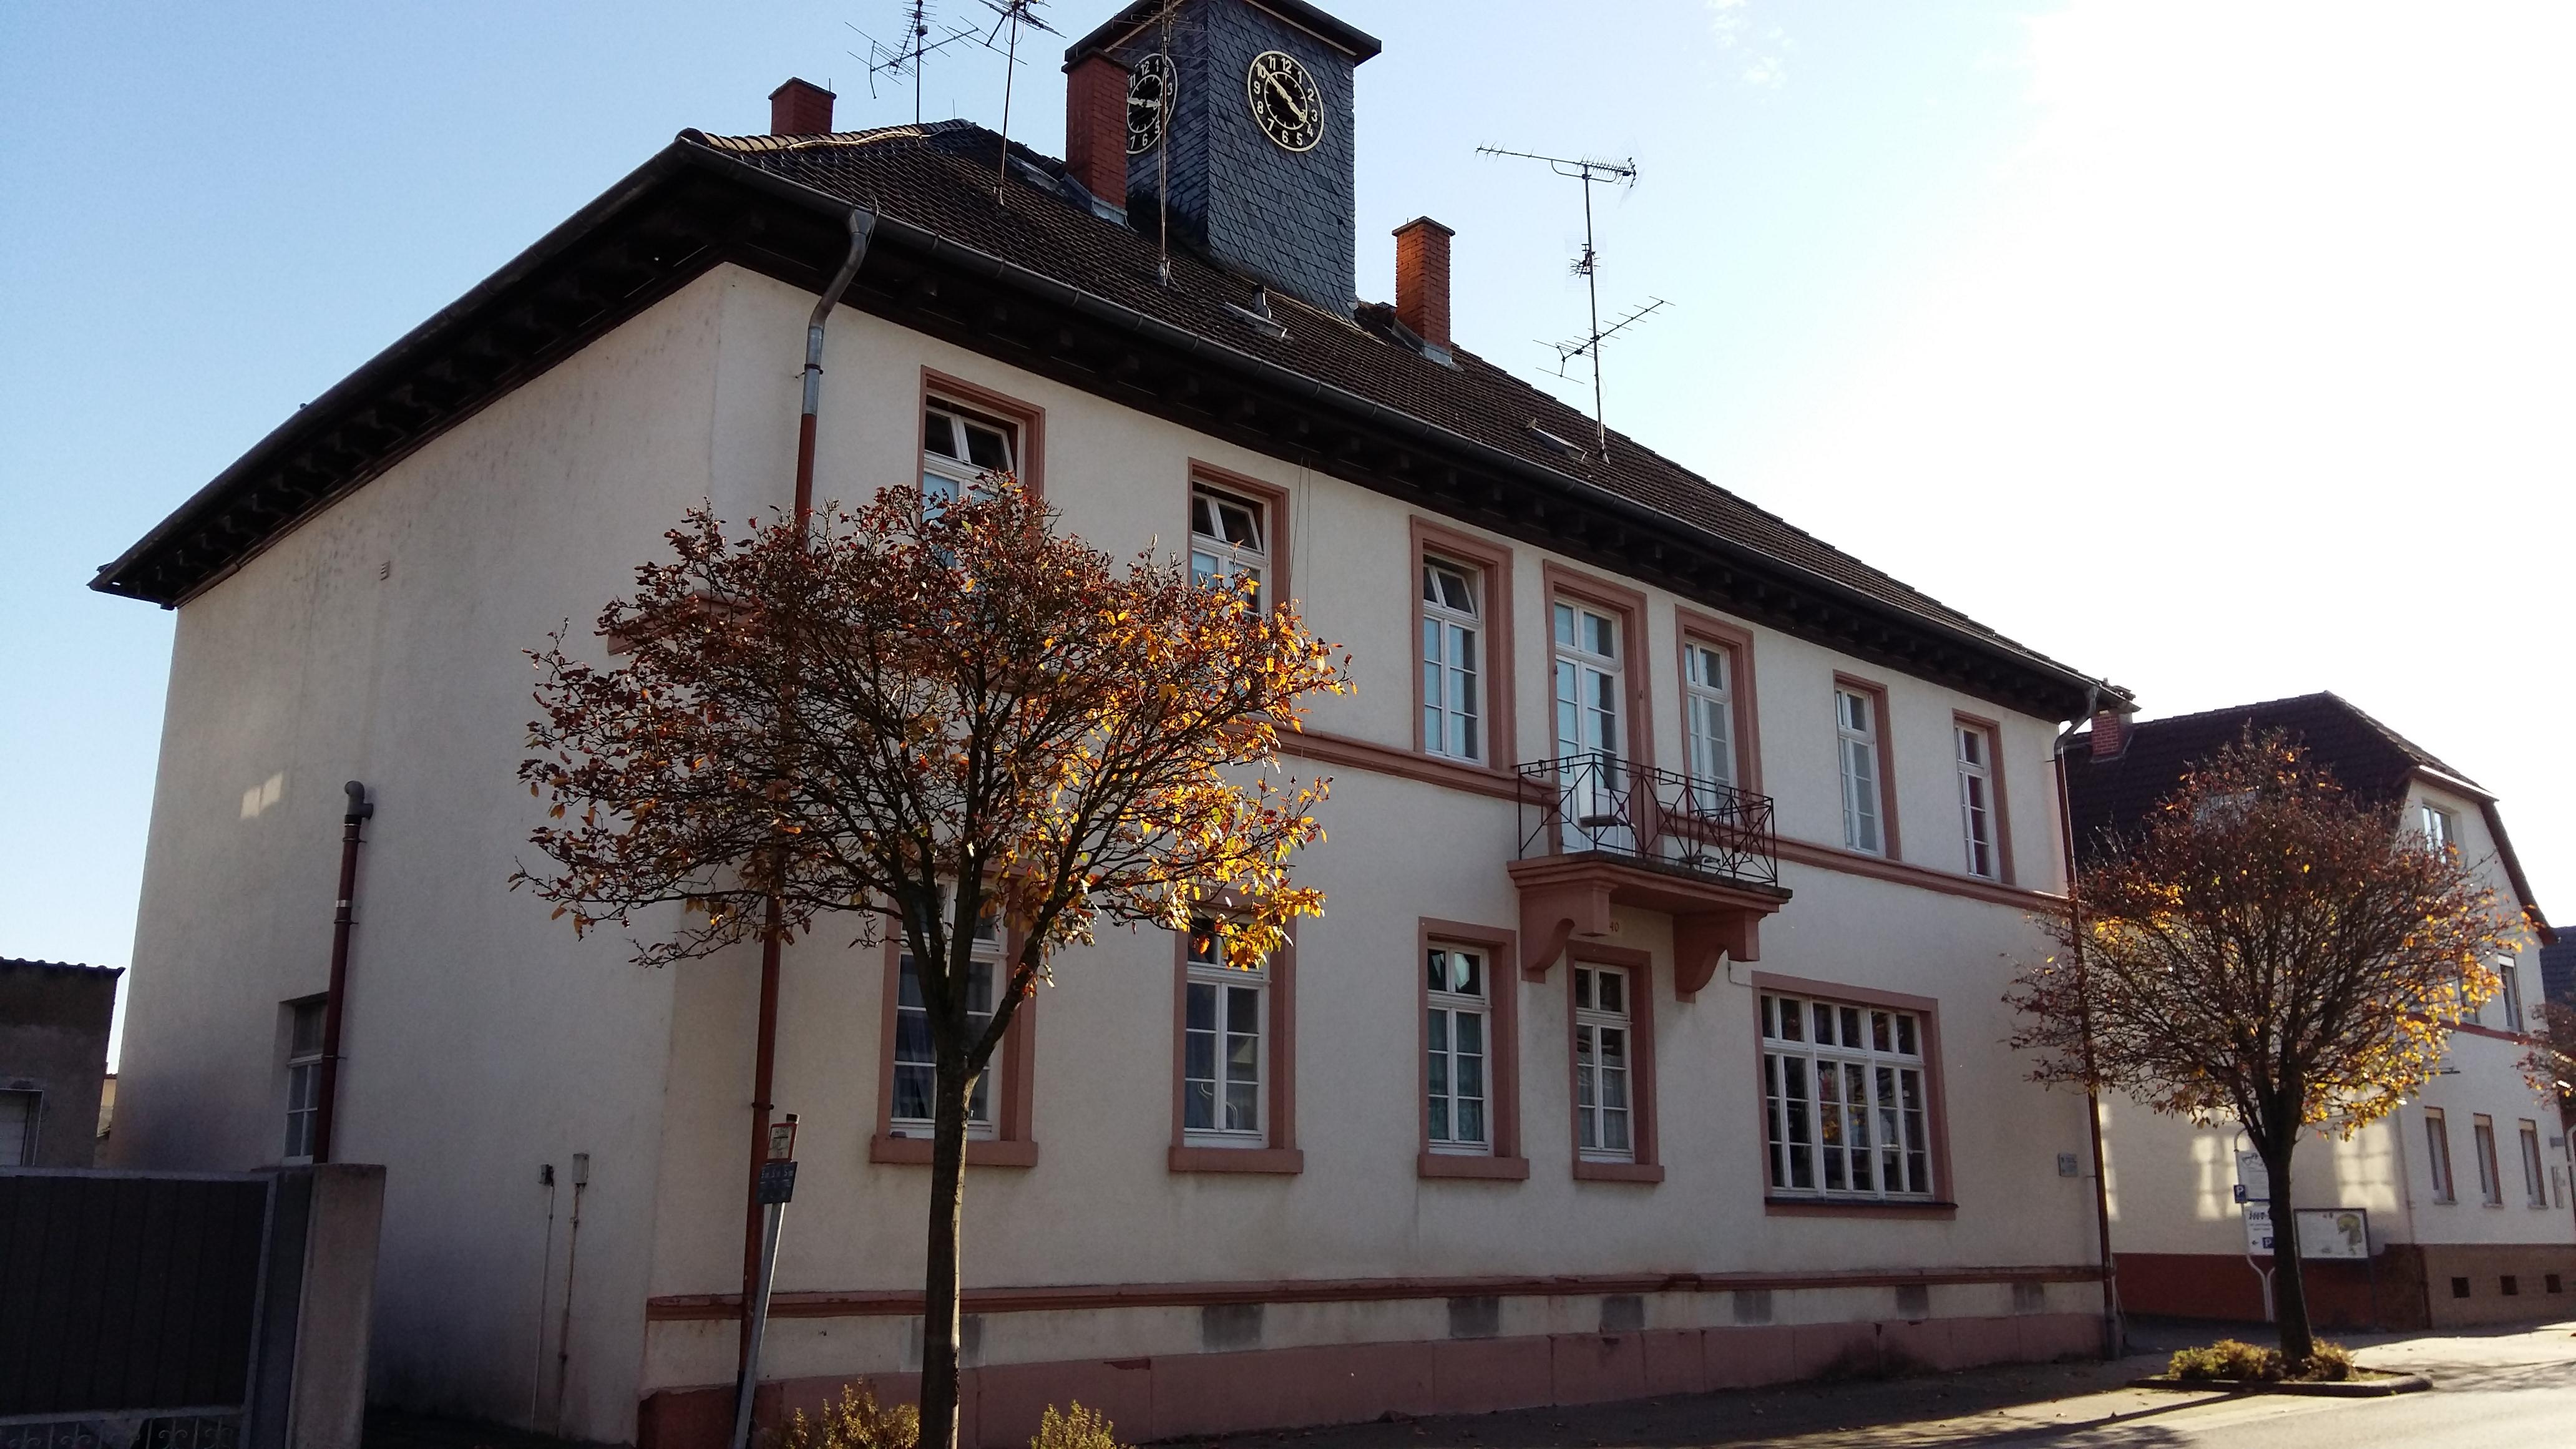 Gundernhausen